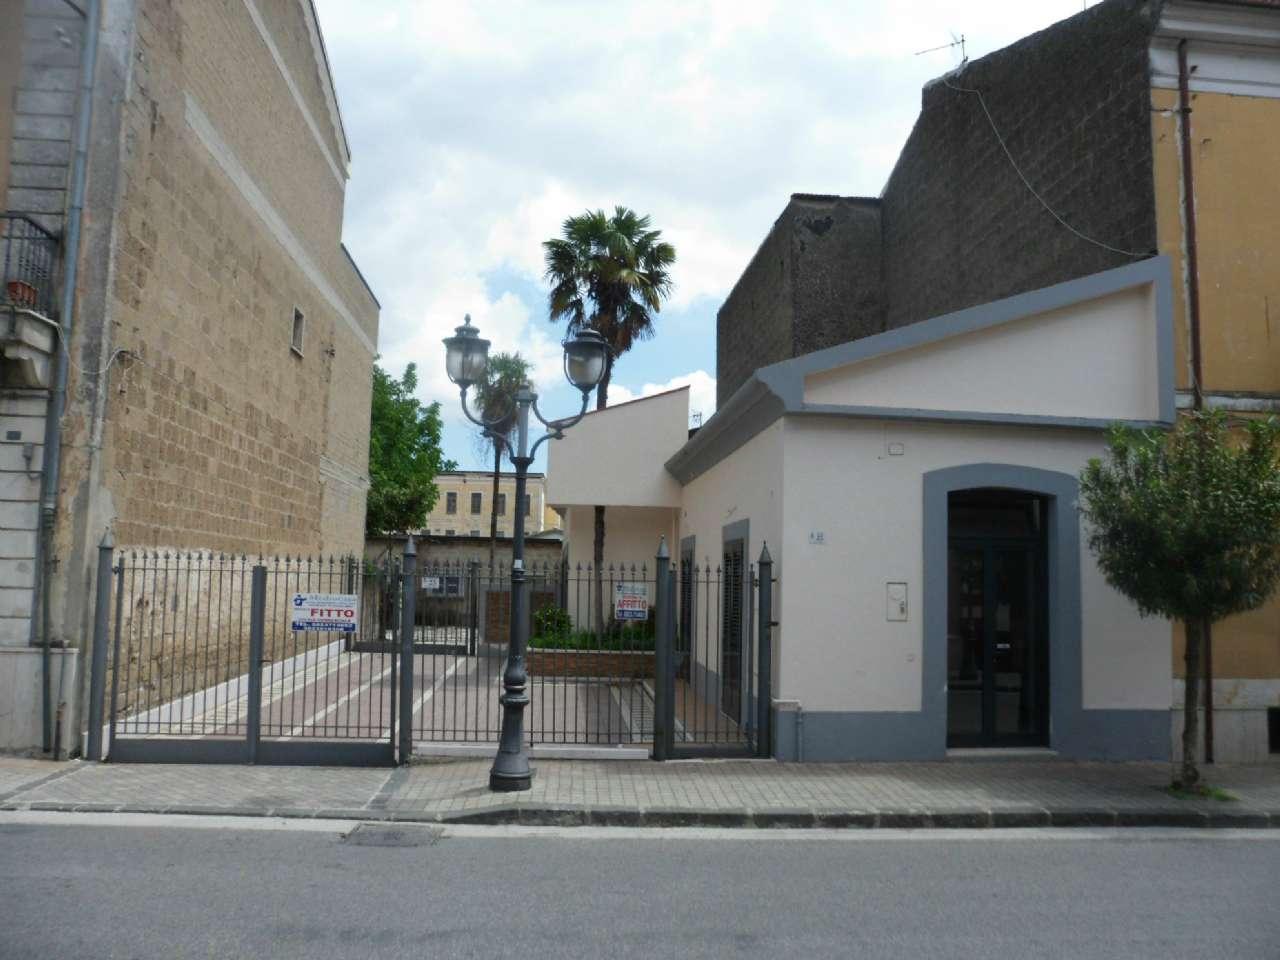 Negozio / Locale in affitto a Airola, 4 locali, prezzo € 500 | CambioCasa.it